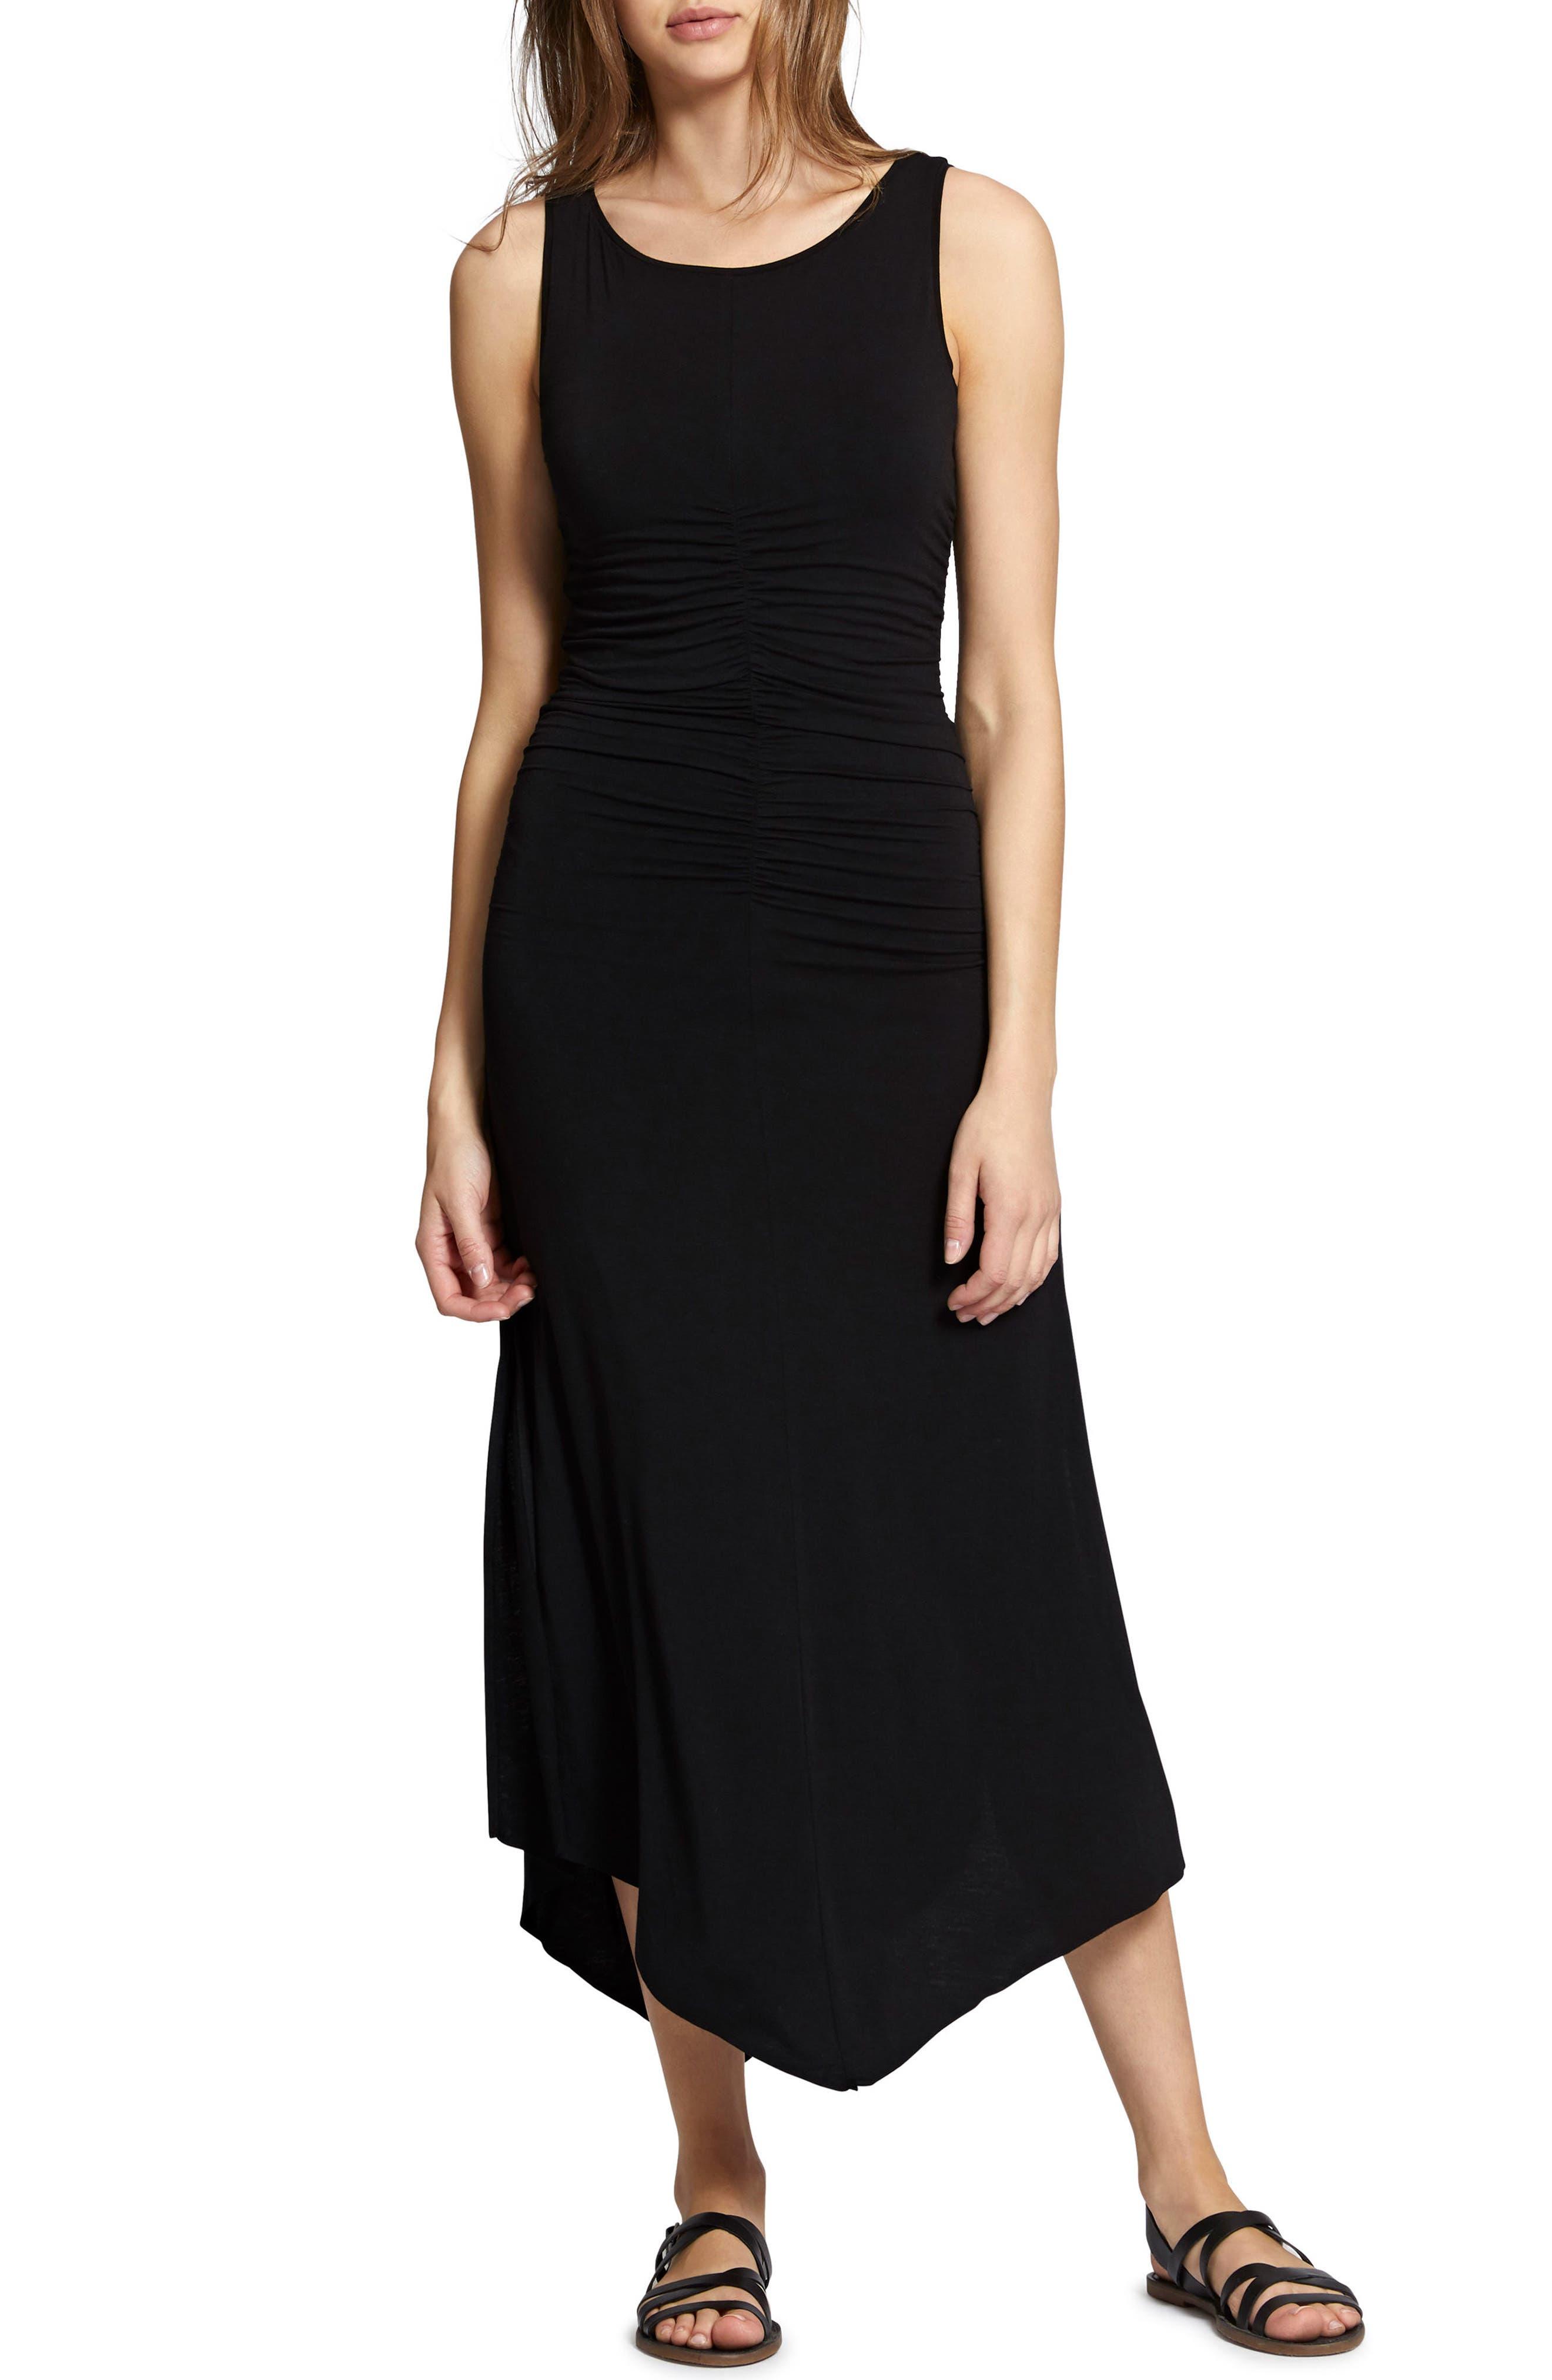 Samba Midi Tank Dress,                             Main thumbnail 1, color,                             Black